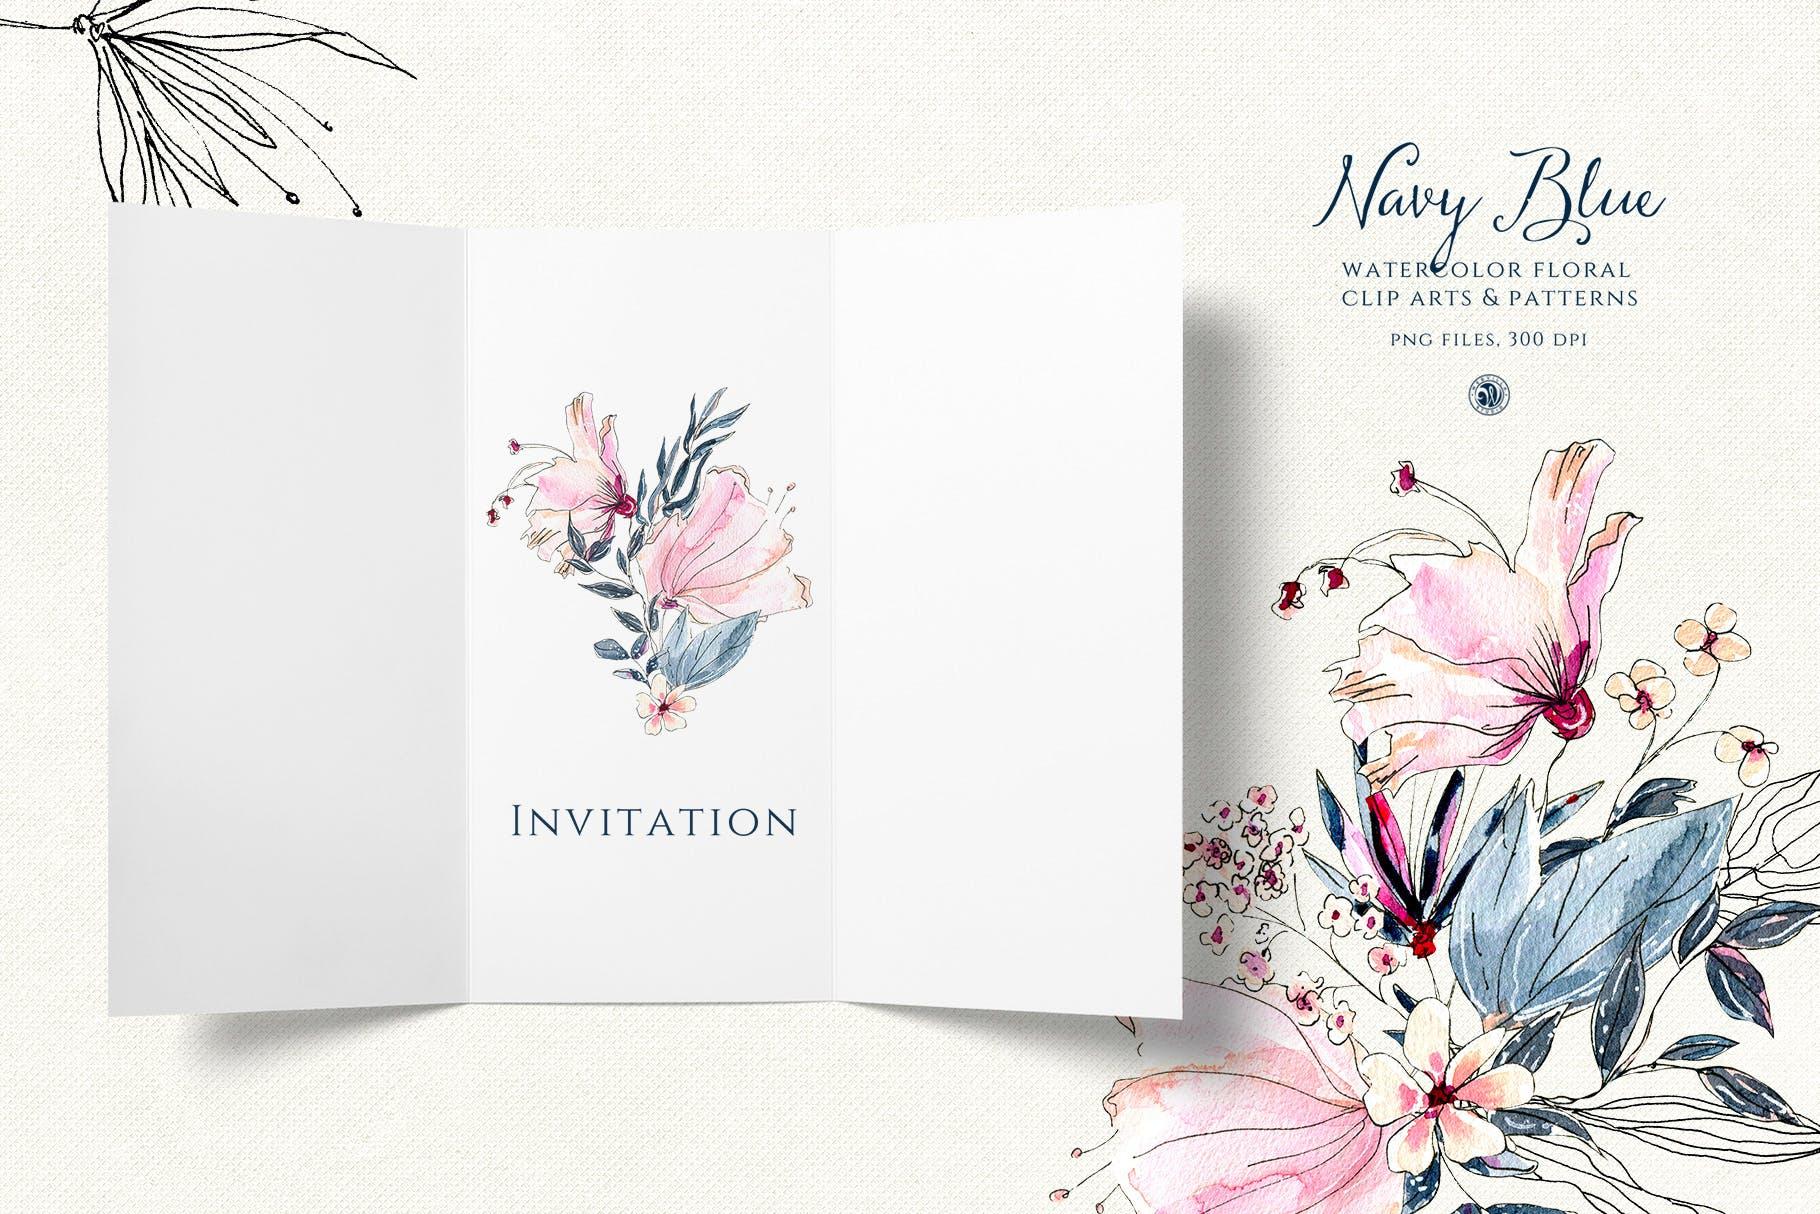 海军蓝花朵手绘水彩花朵和图案装饰元素下载Navy Blue Flowers插图(4)